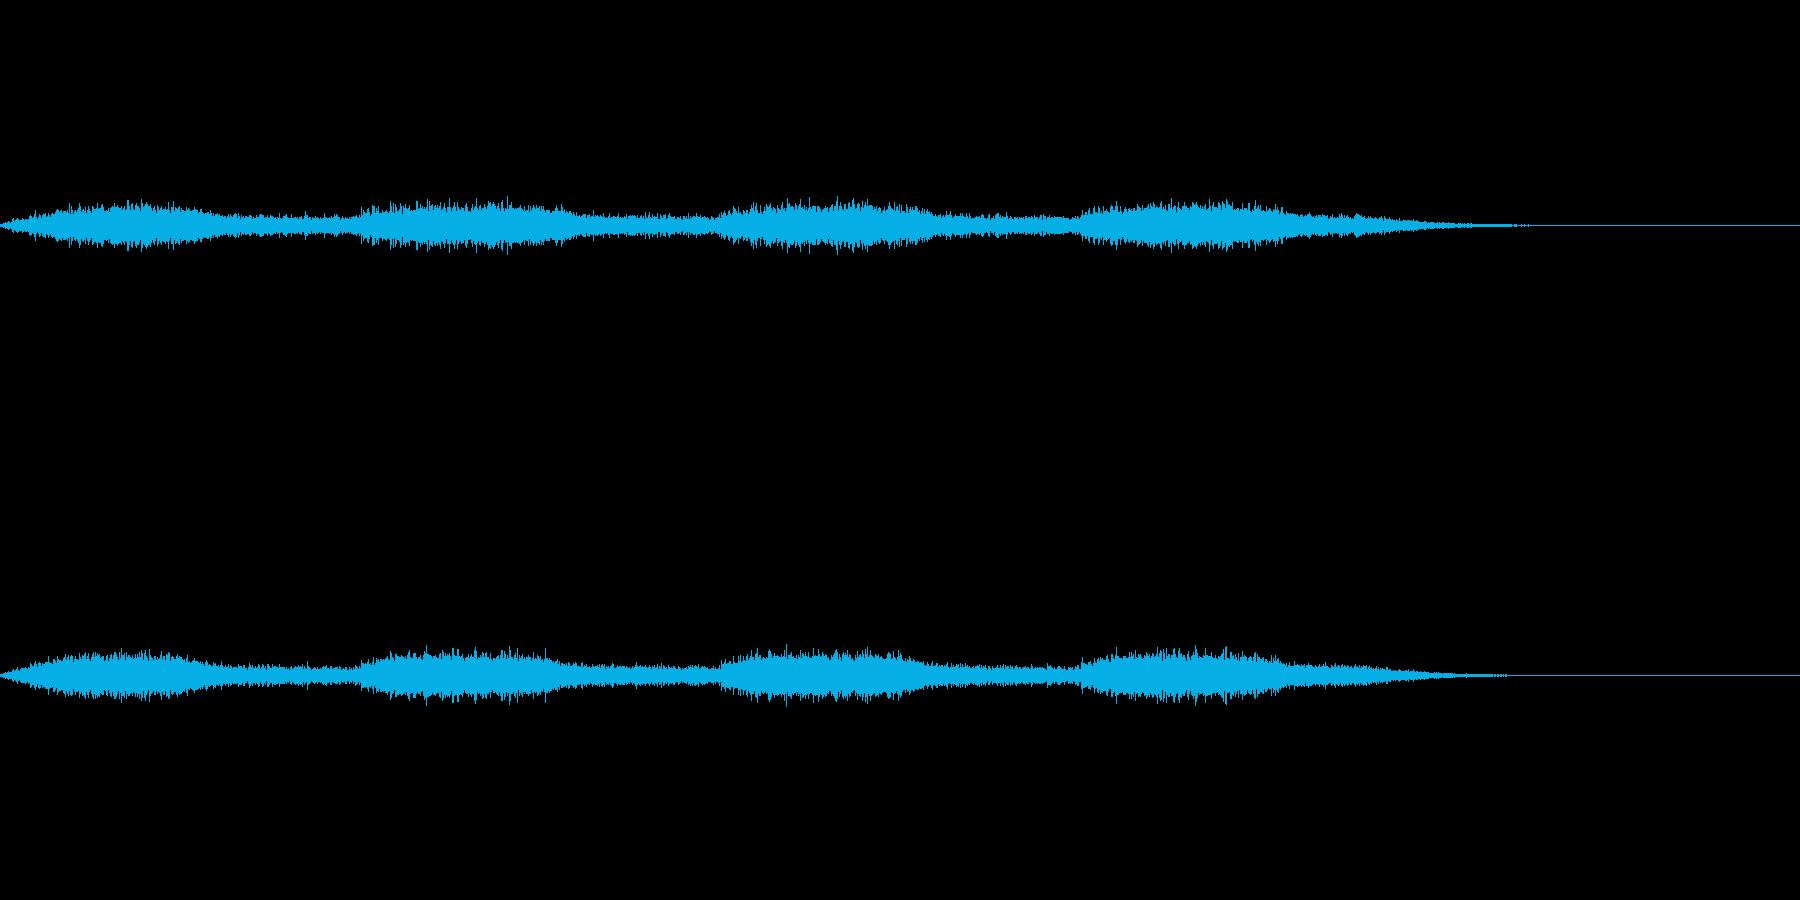 生物的な印象のあるダークサウンドの再生済みの波形